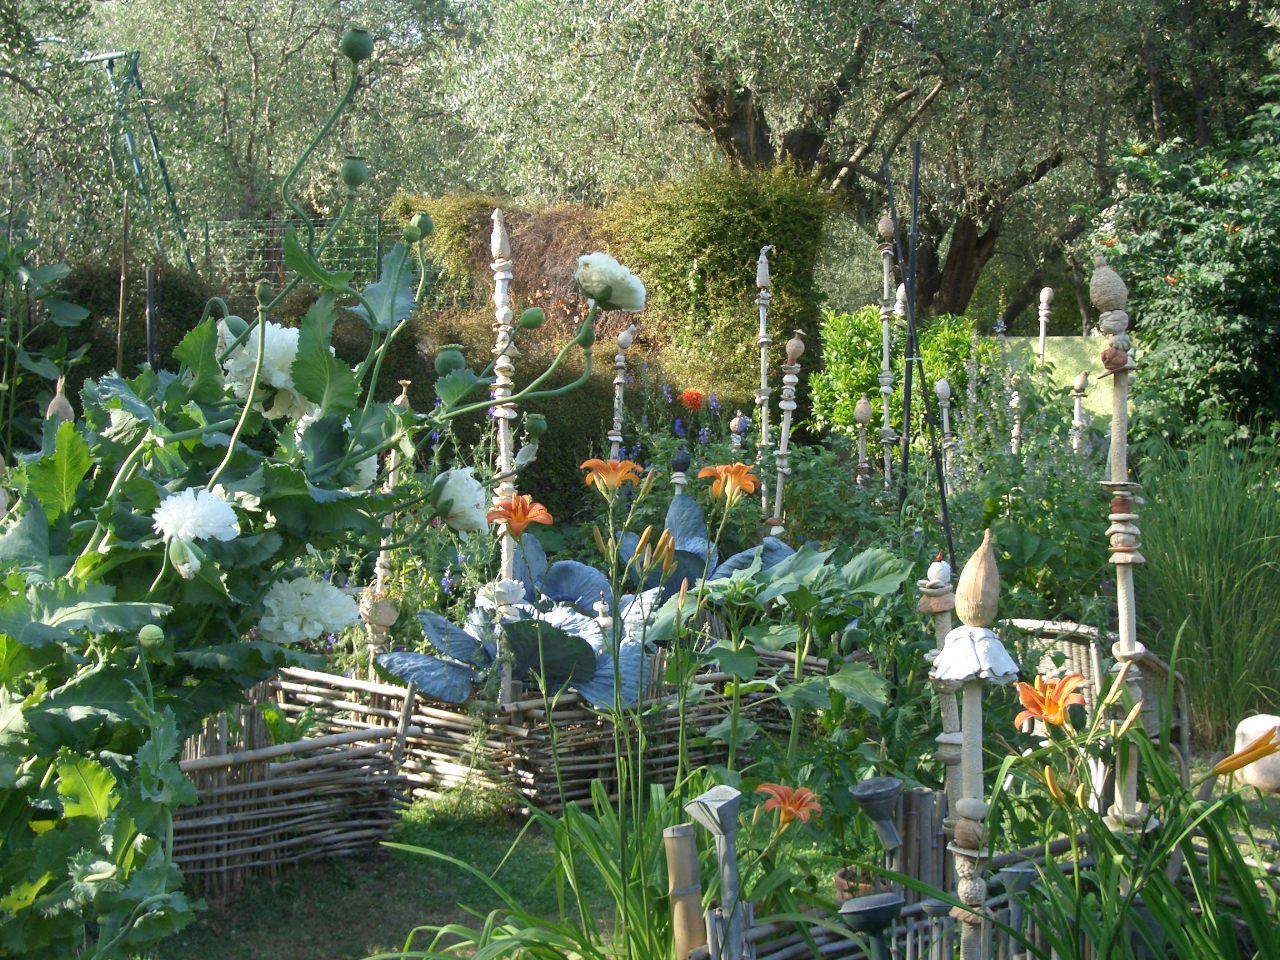 Jardin des fleurs de poterie site de gatti res for Fleuriste jardin des fleurs